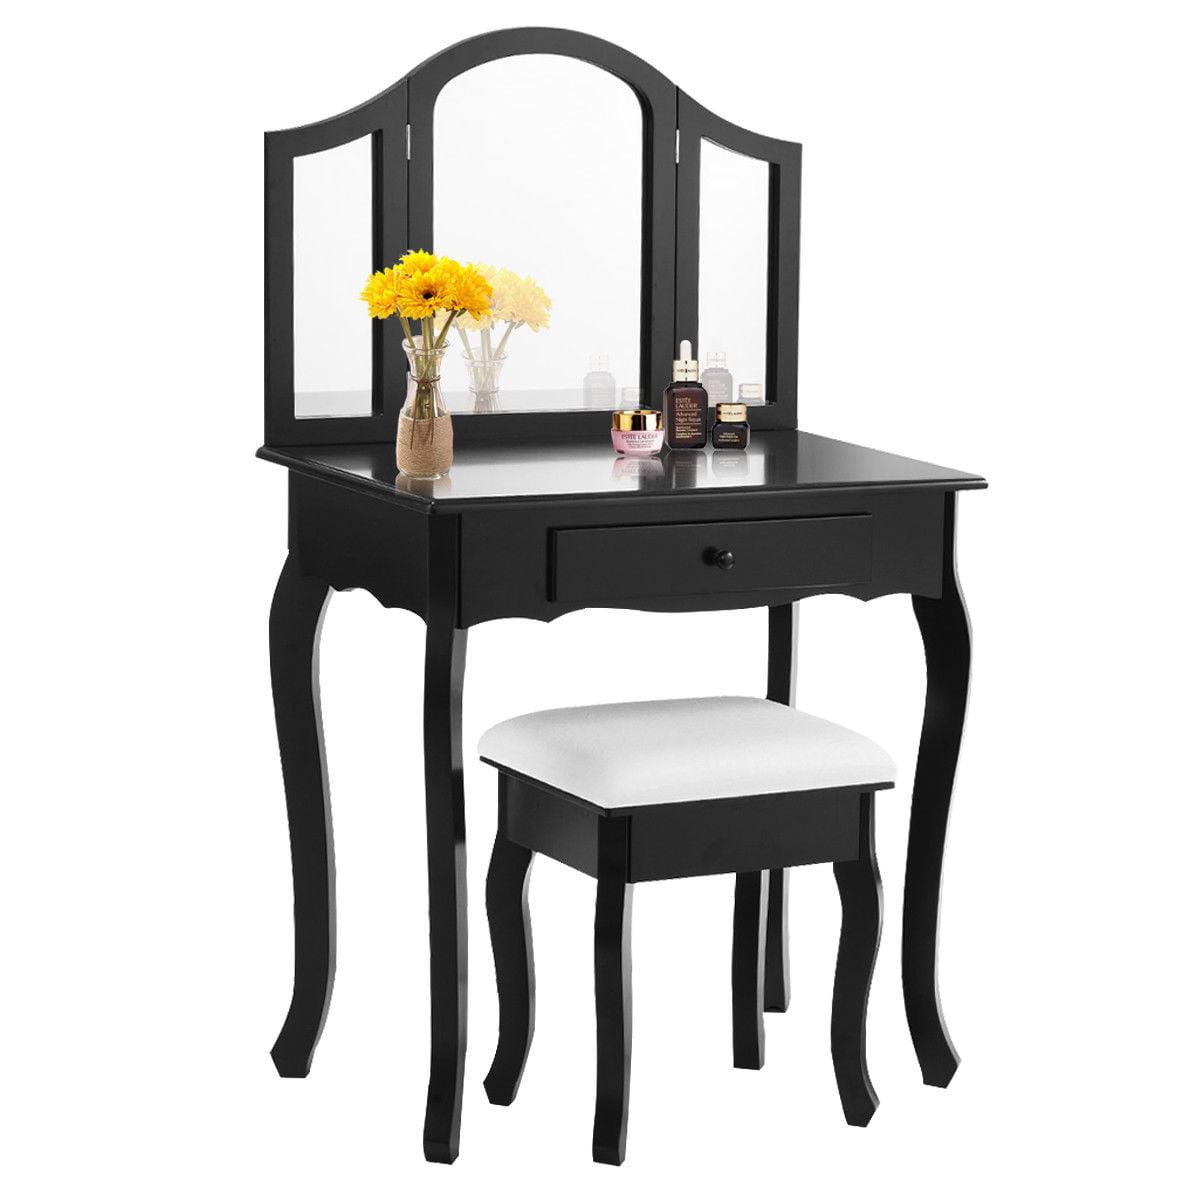 Costway Black Tri Folding Mirror Vanity Makeup Table Set bathroom W/Stool & Drawers